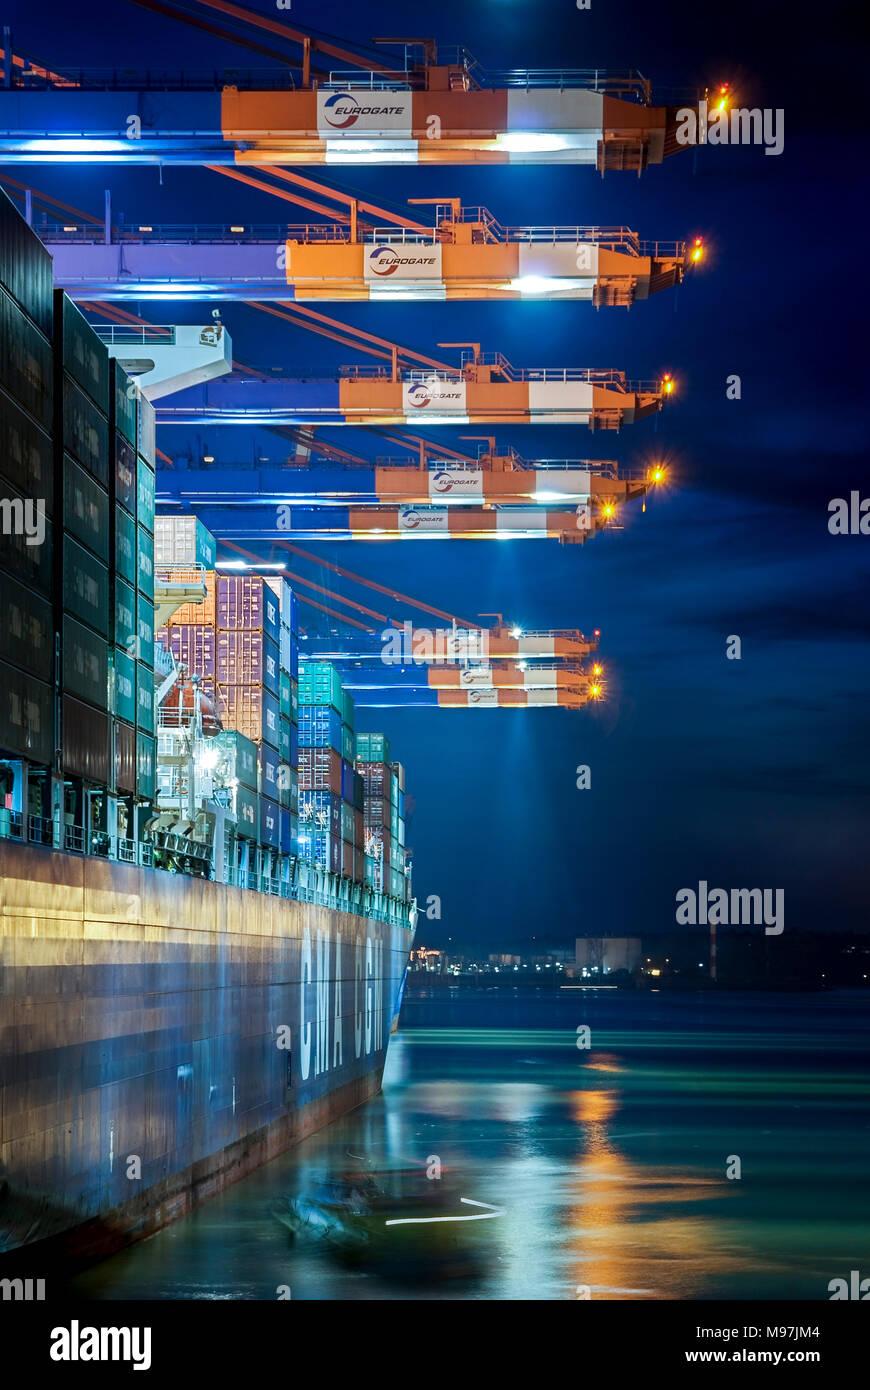 """Deutschland, Hamburg, Elbe, Hafen, Waltershofer Hafen, Containerverladung, Containerschiff """"CMA CGM Medea' Stockbild"""